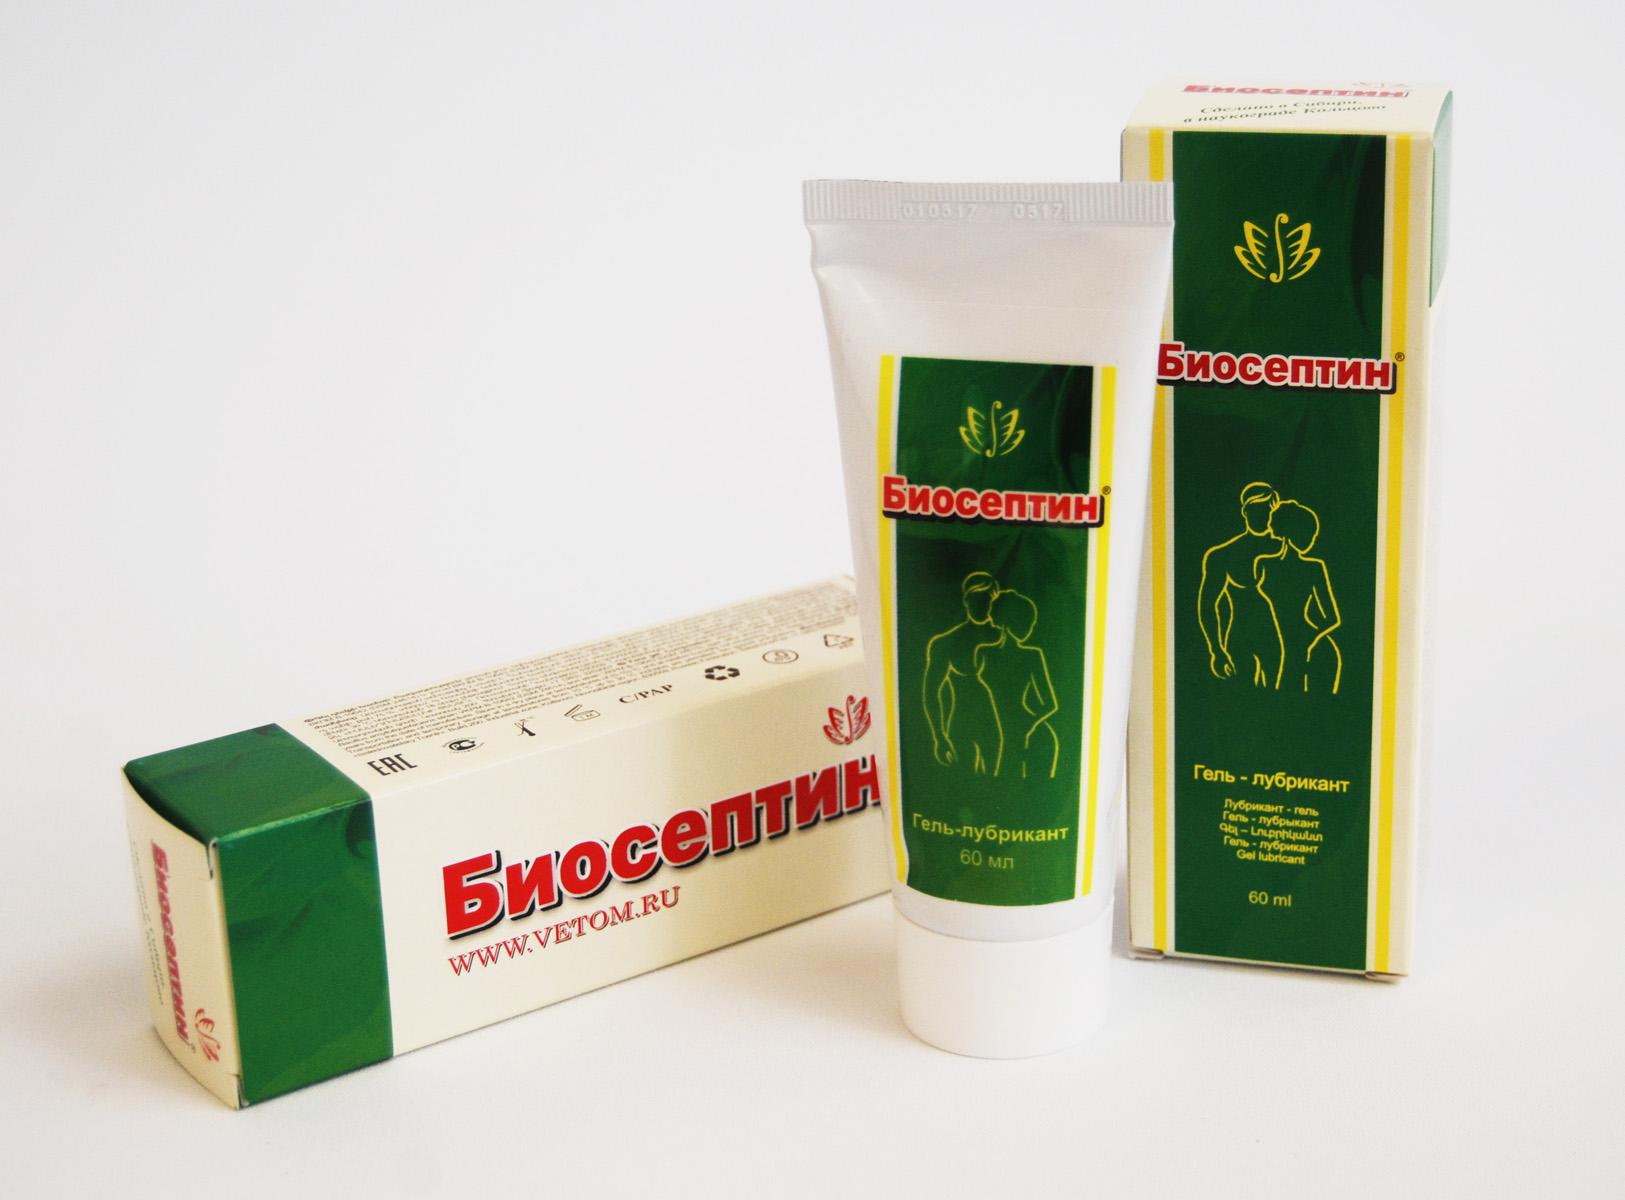 Интимная гель защиты от бактерии и инфекци при секса